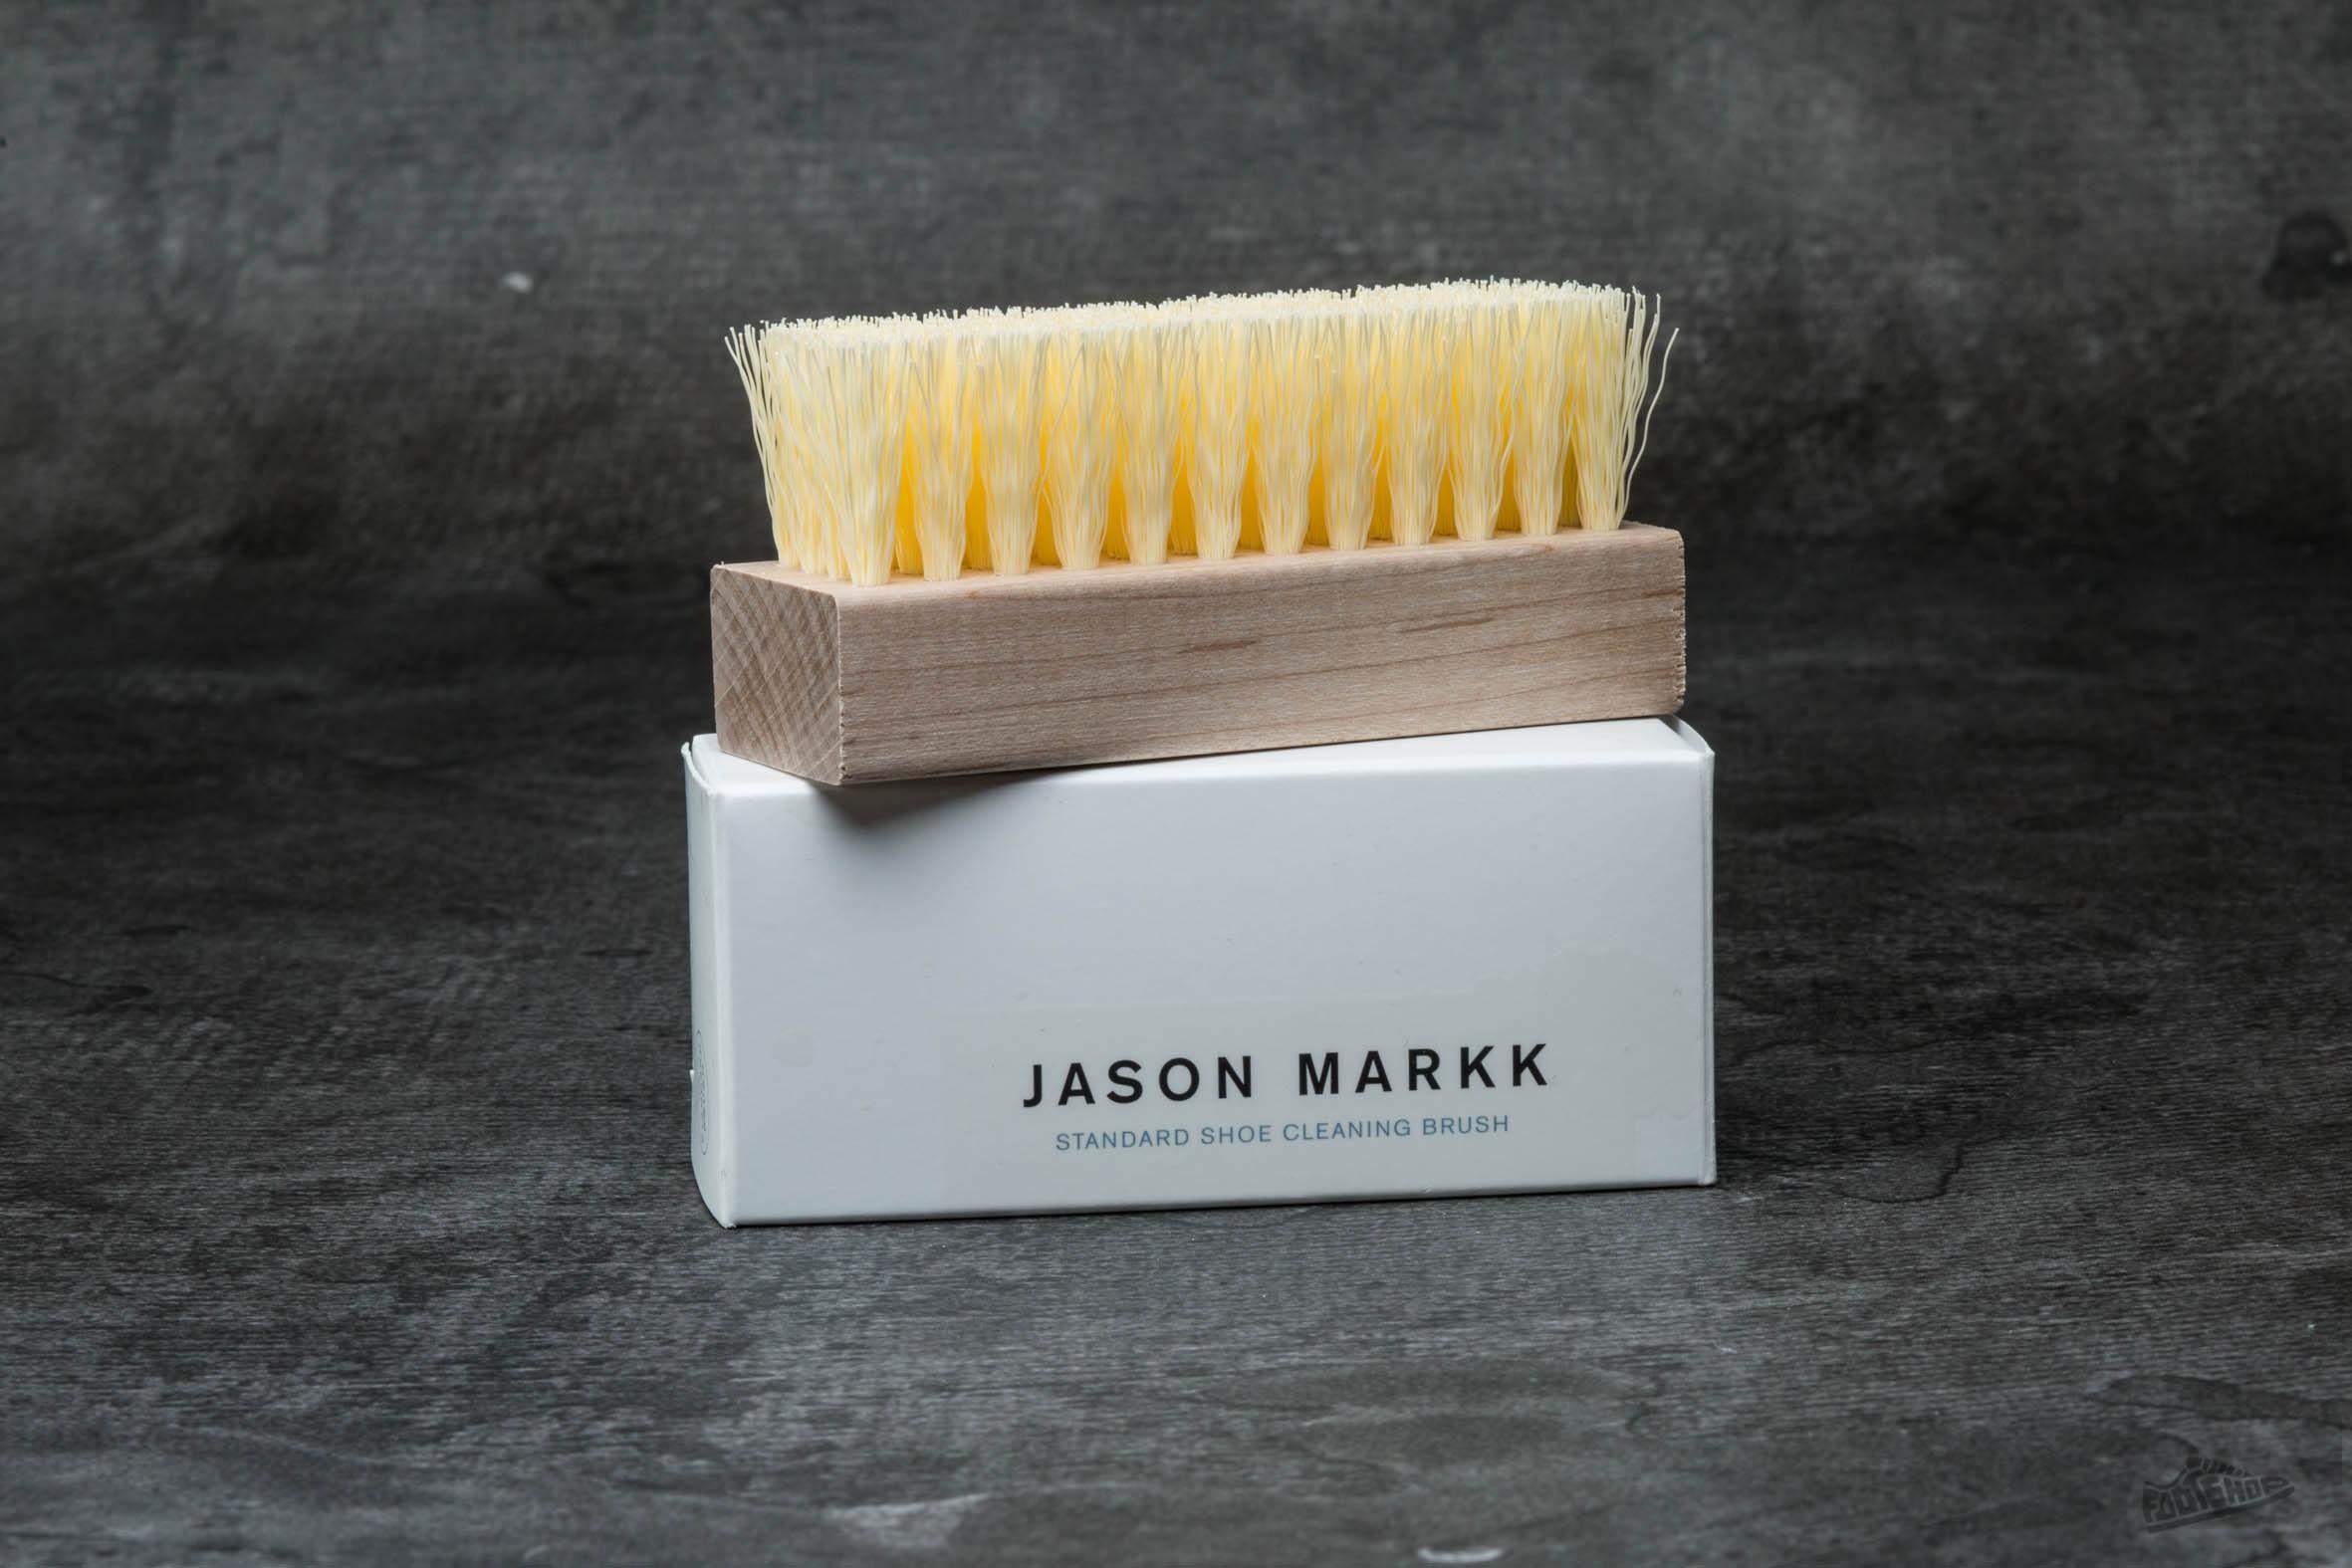 Jason Markk Standard Shoe Cleaning Brush za skvělou cenu 270 Kč koupíte na Footshop.cz